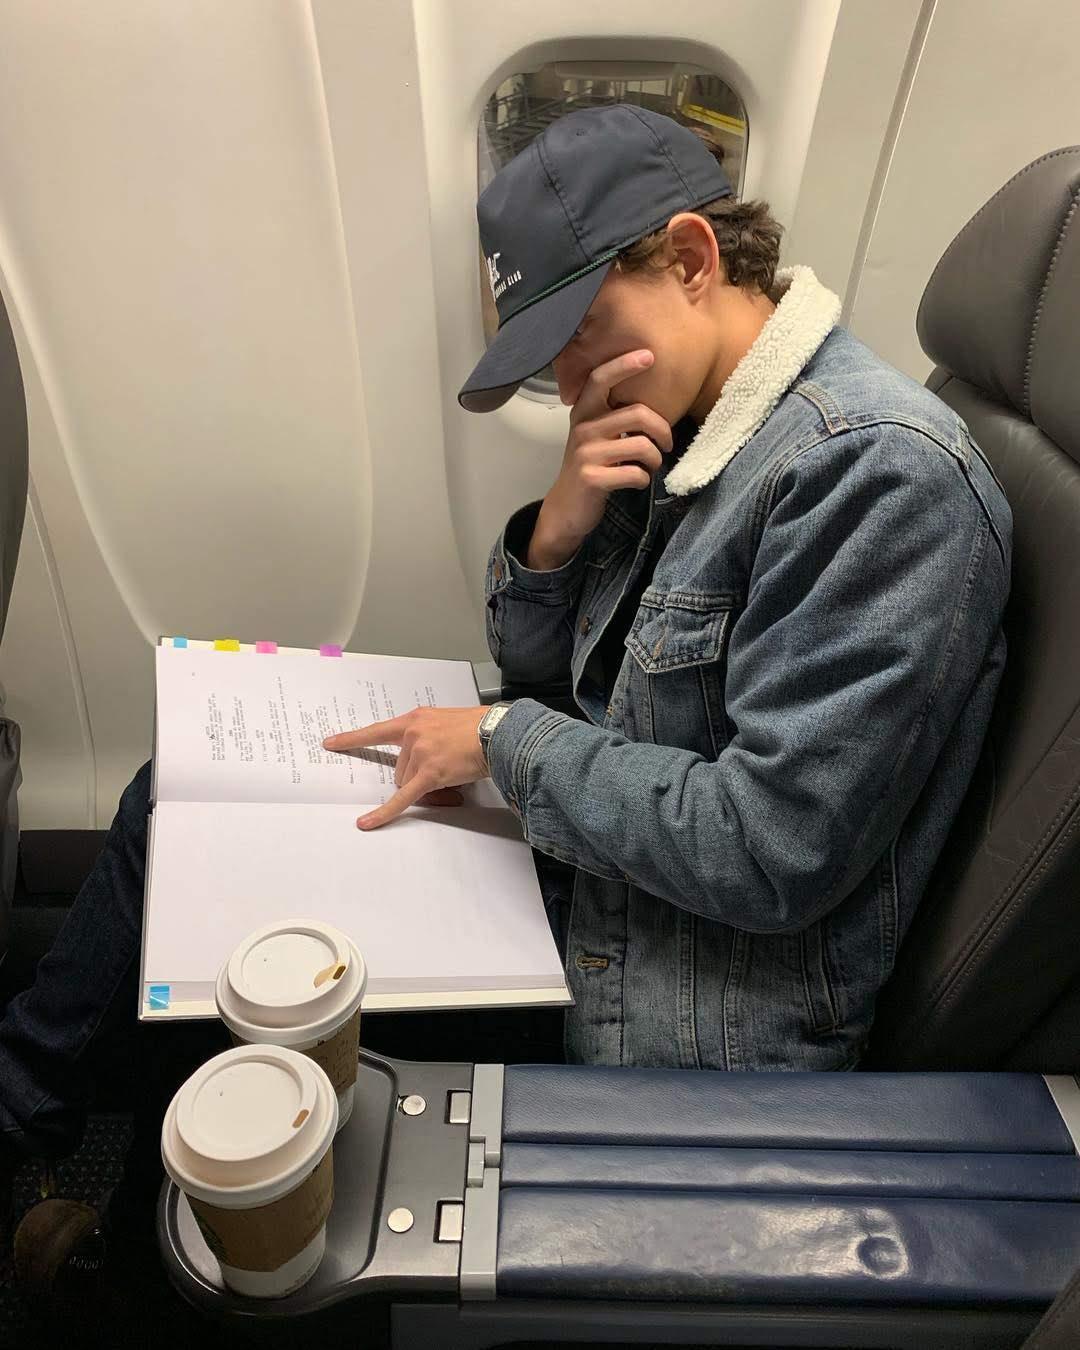 Tom Holland learning the script of his new film The Devil All the Time : マーベルの先輩のウィンター・ソルジャーと共演する Netflix のスリラー映画の異色作「ザ・デヴィル・オール・ザ・タイム」の撮影に向けて、セリフ覚え中のトム・ホランド ! !